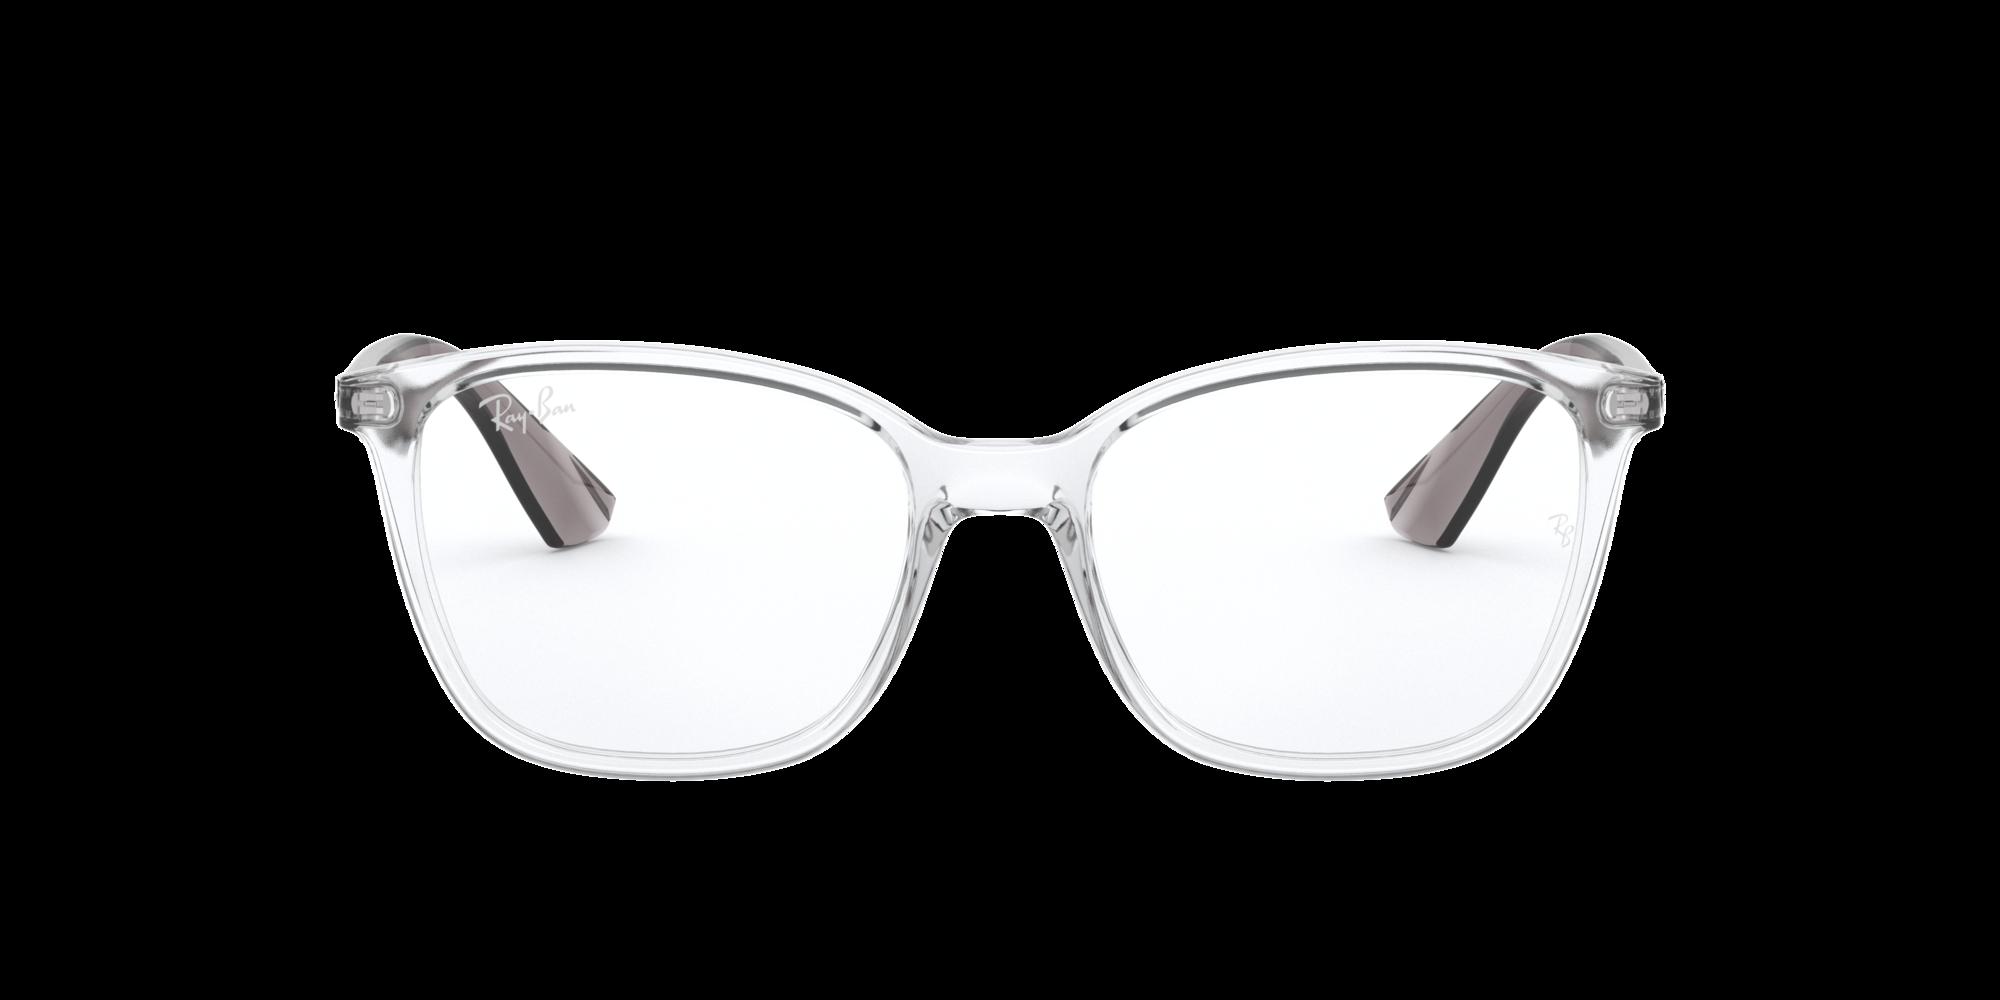 Imagen para RX7066 de LensCrafters |  Espejuelos, espejuelos graduados en línea, gafas